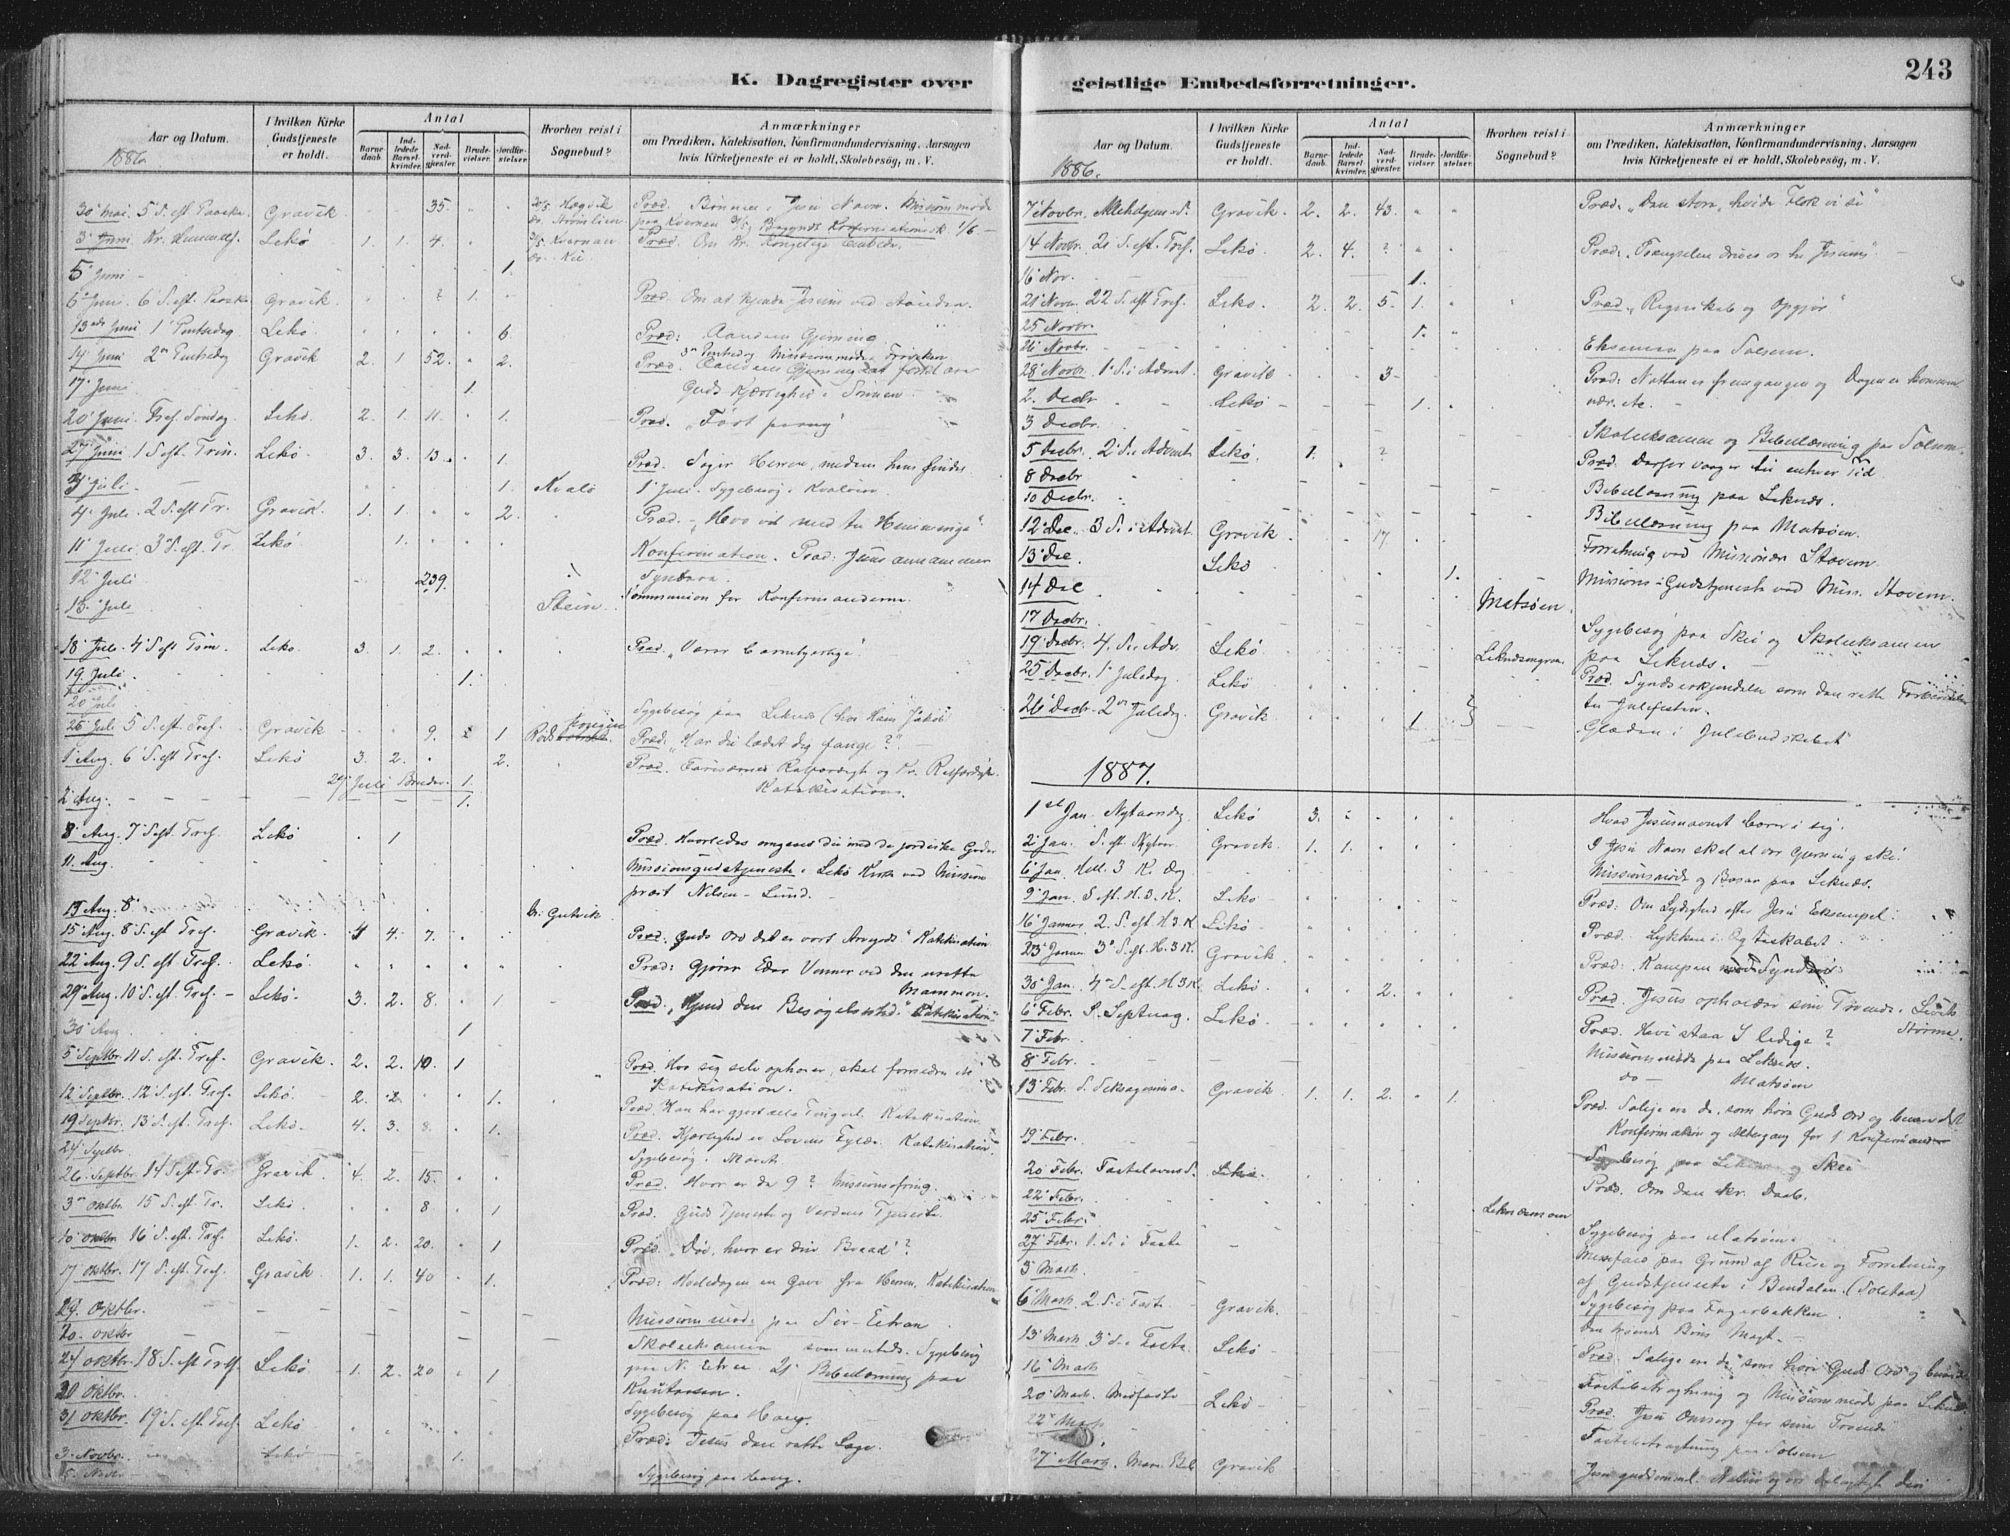 SAT, Ministerialprotokoller, klokkerbøker og fødselsregistre - Nord-Trøndelag, 788/L0697: Ministerialbok nr. 788A04, 1878-1902, s. 243